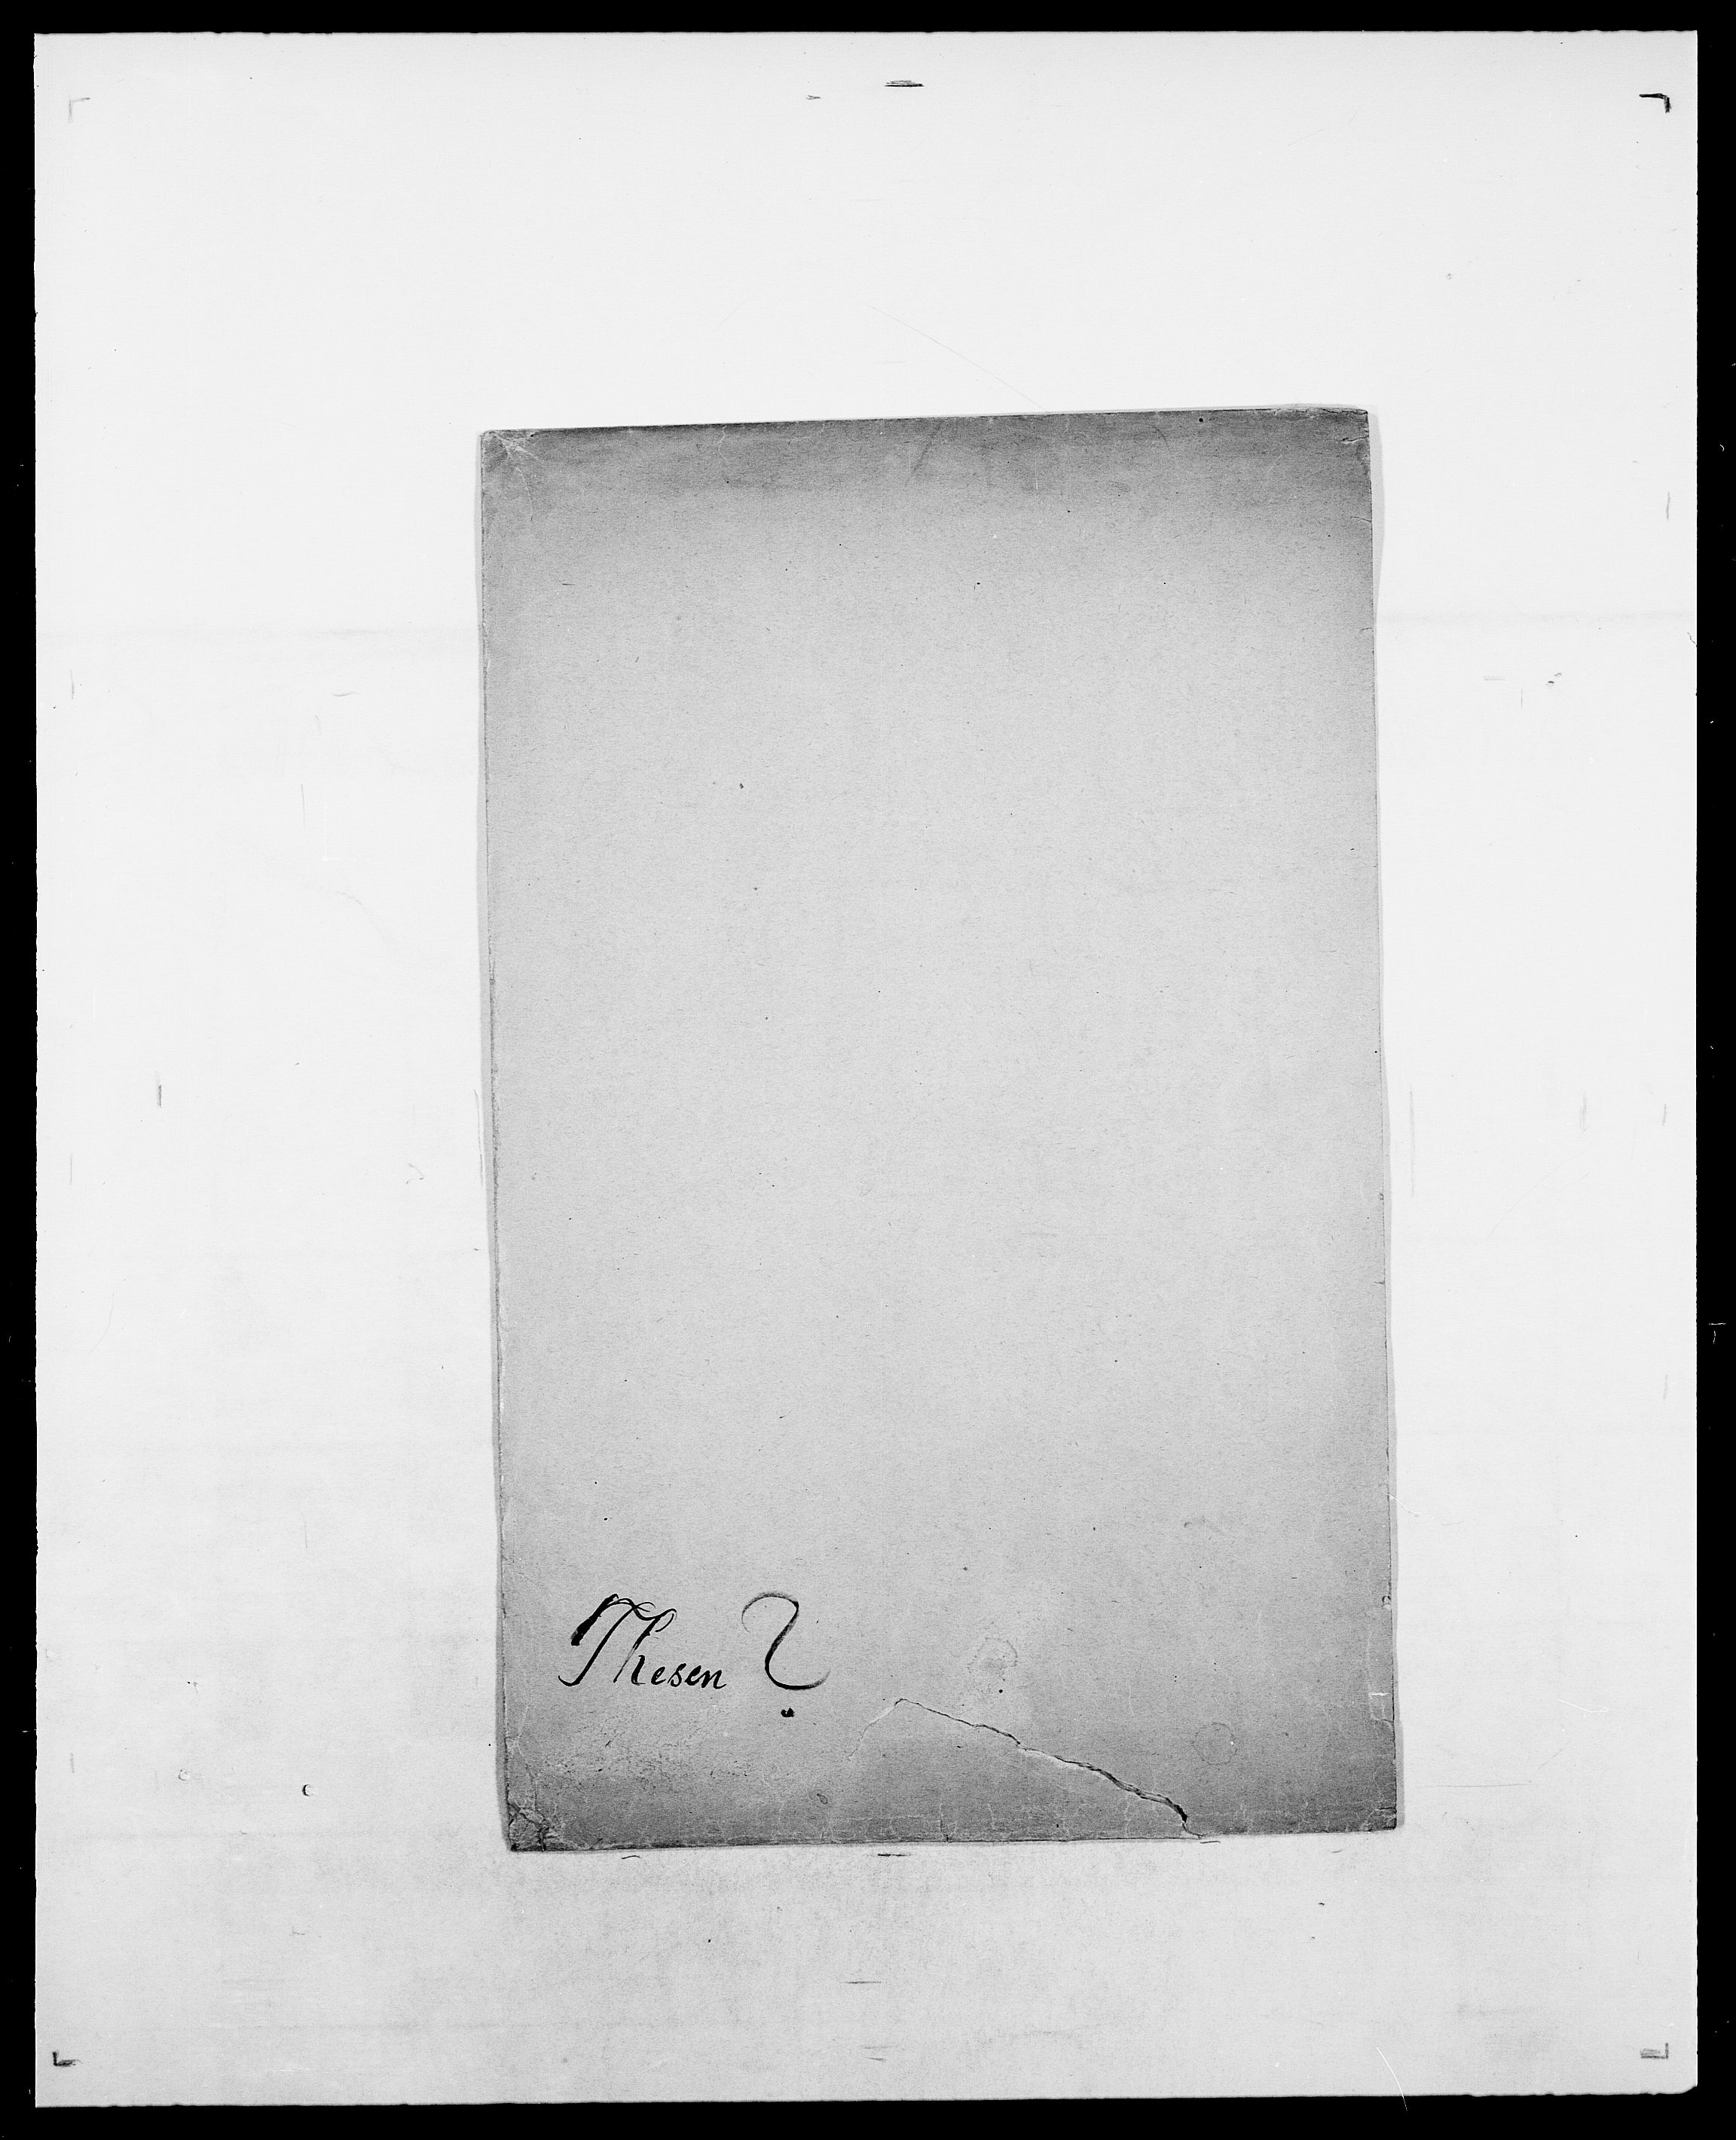 SAO, Delgobe, Charles Antoine - samling, D/Da/L0038: Svanenskjold - Thornsohn, s. 491